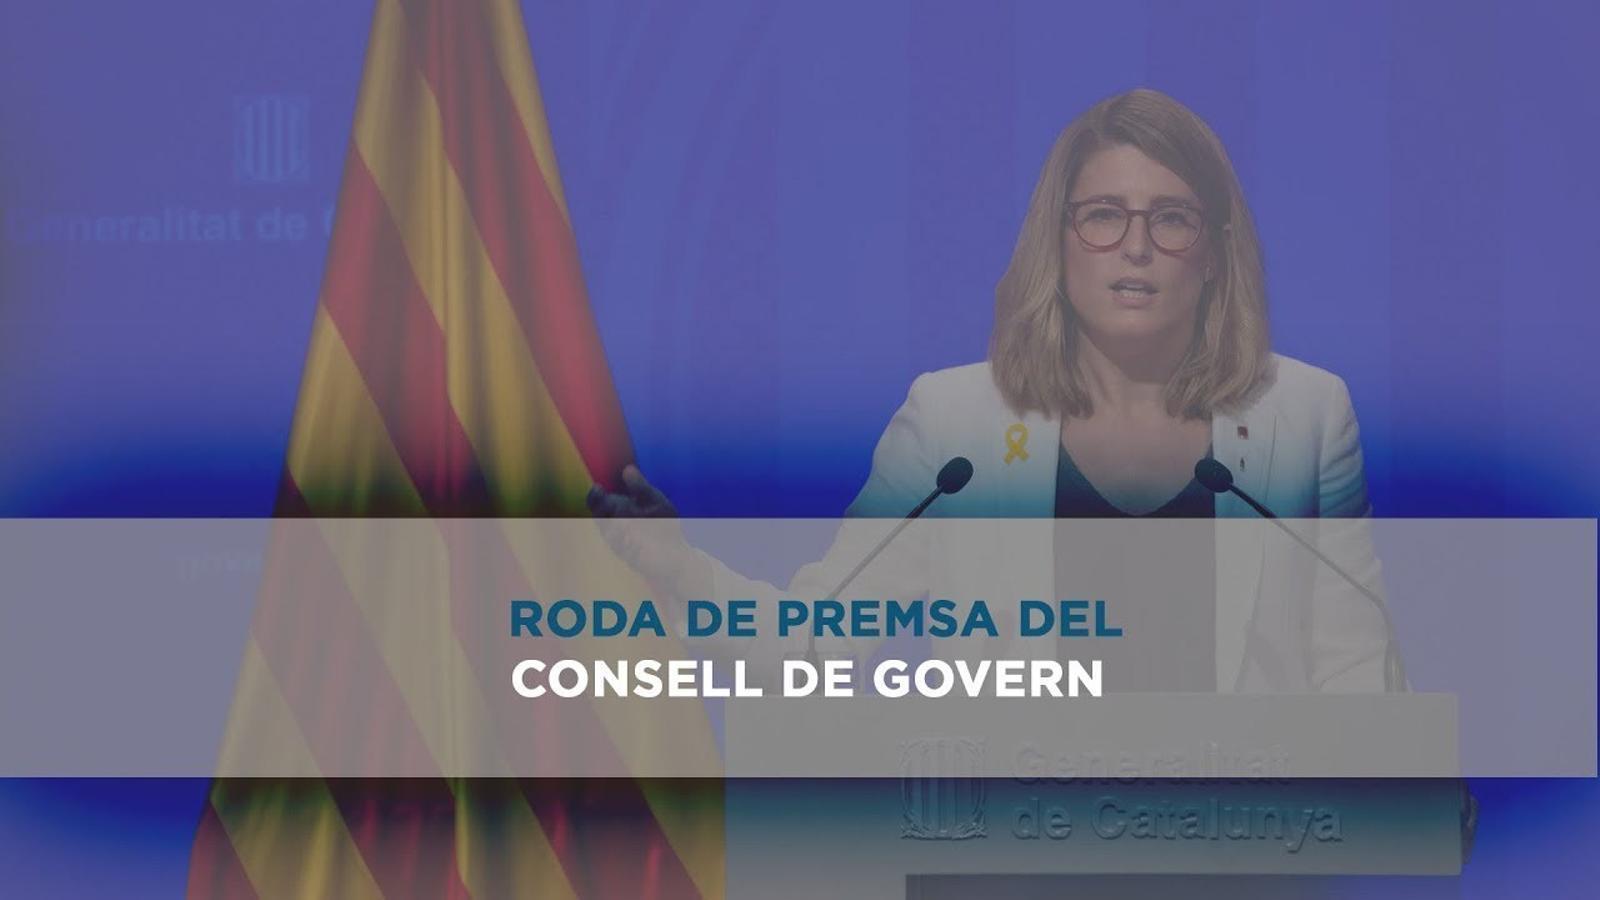 Roda de premsa del consell de Govern